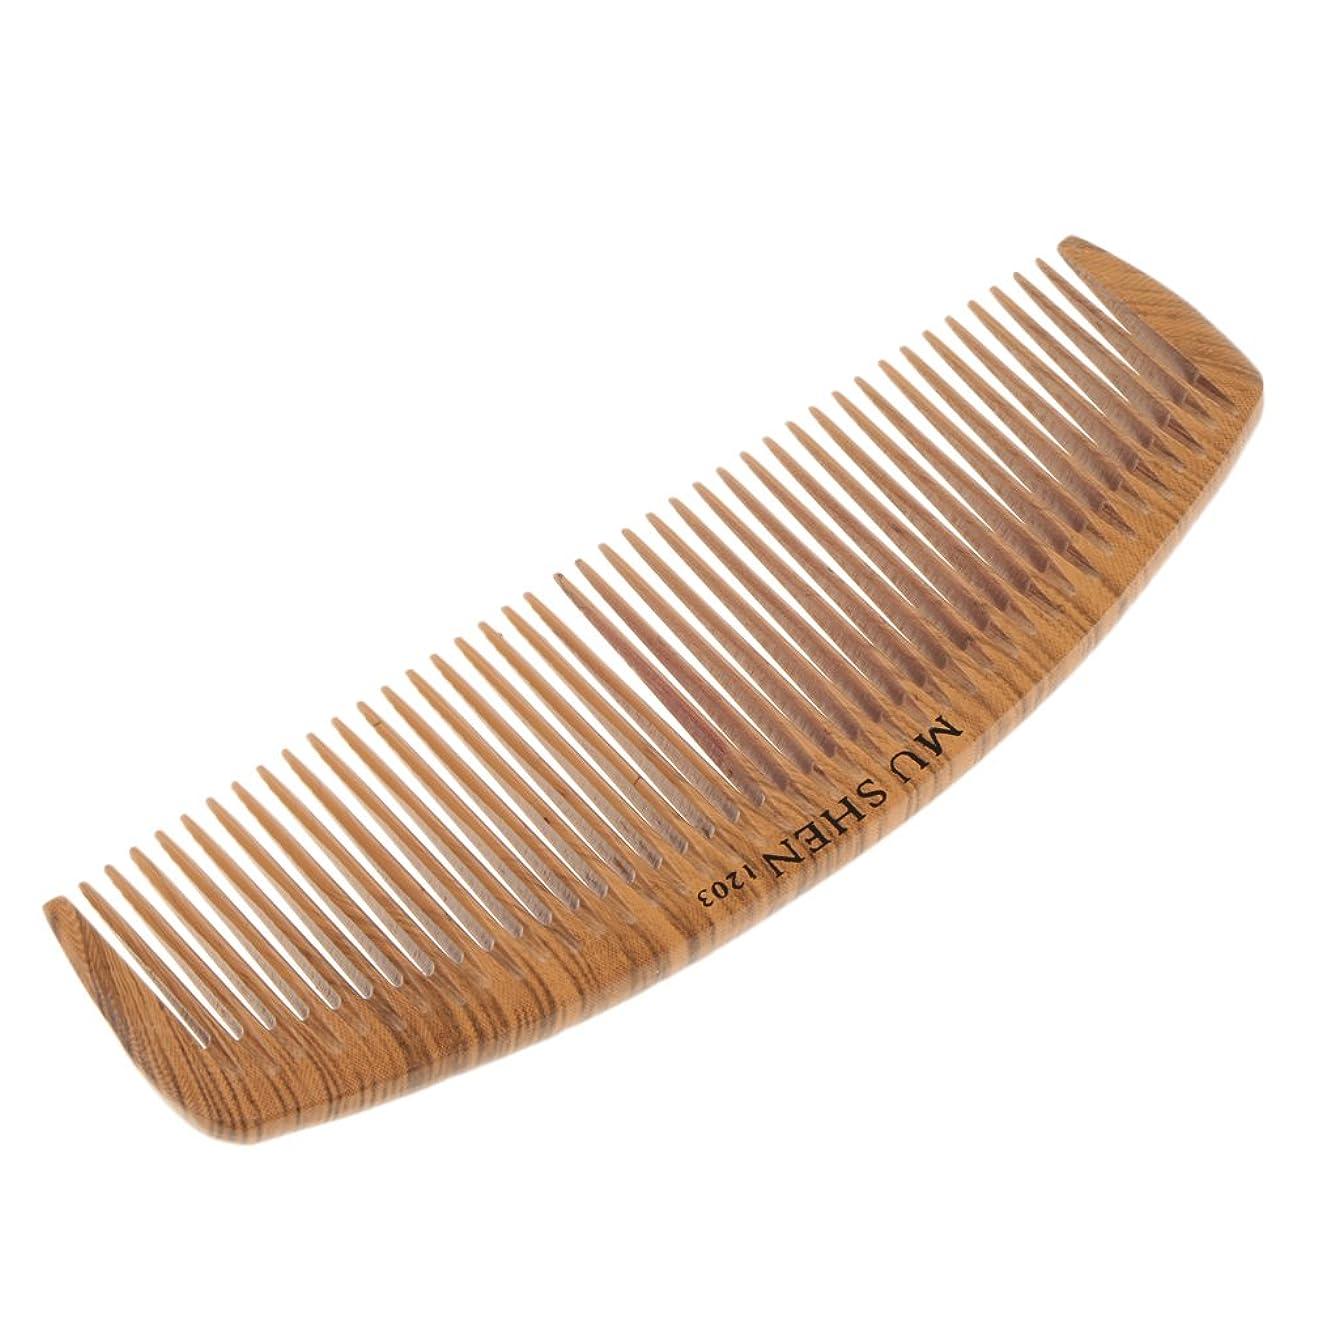 事実上鯨頼むPerfeclan ヘアコーム ヘアブラシ 帯電防止 ウッド サロン 理髪師 ヘアカット ヘアスタイル ヘアケア 4タイプ選べる - 1203